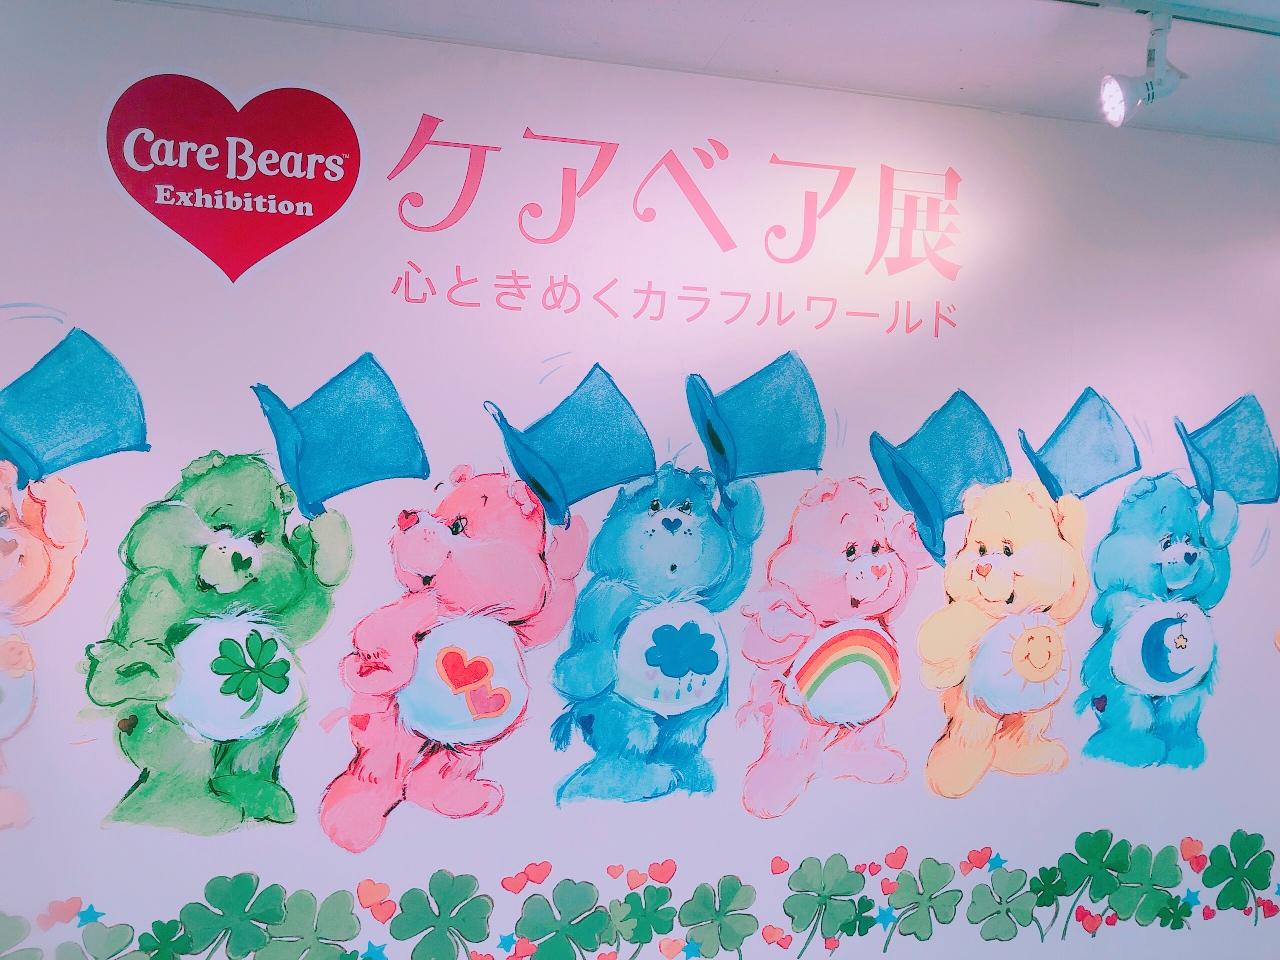 【松屋銀座特別イベント】ちびまる子ちゃん展とケアベア展に行ってきました(^^)_3